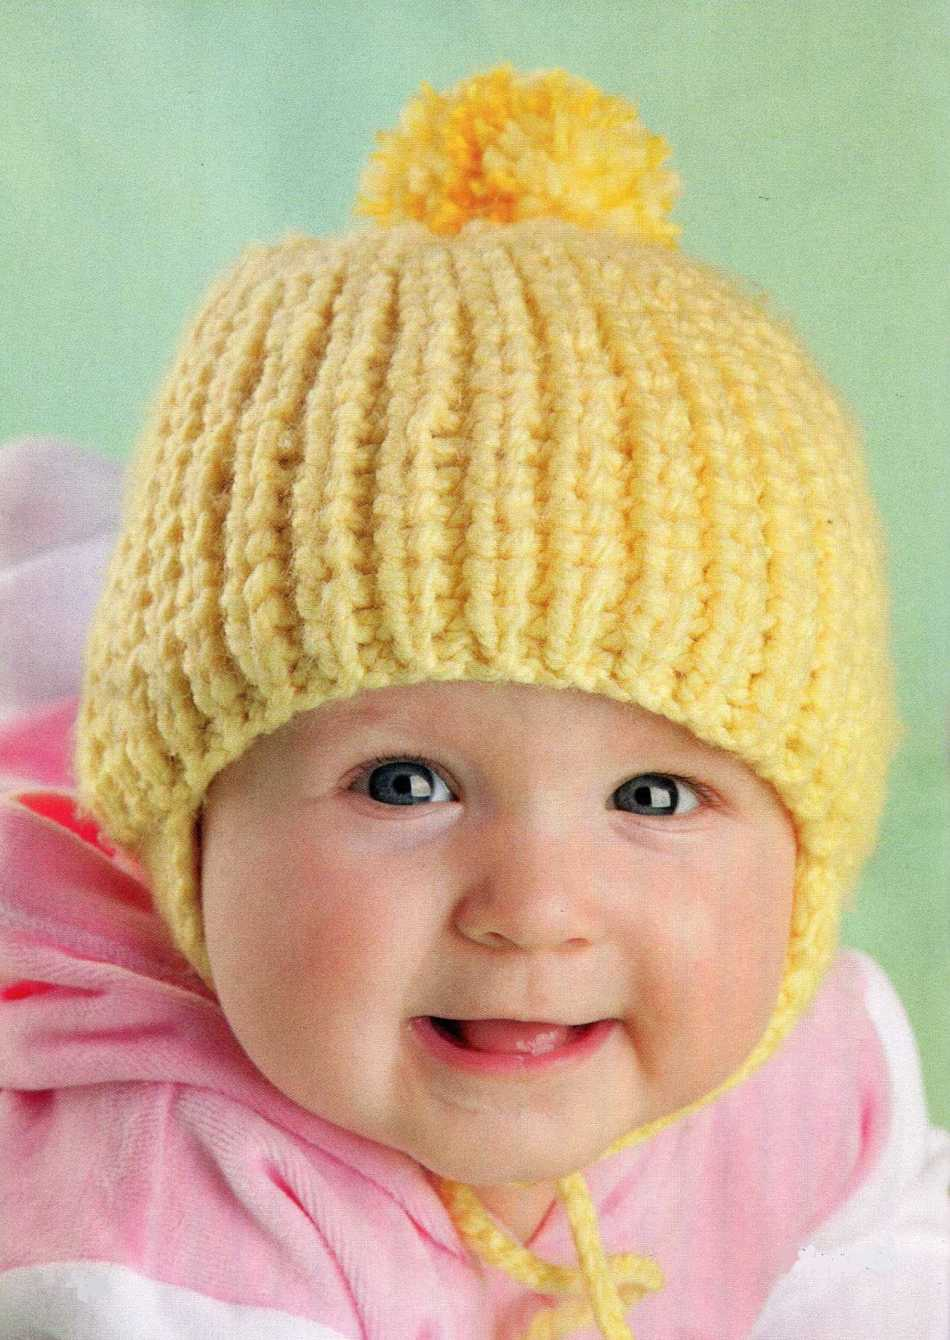 6ec4068f0e14 Теплые вязаные детские шапки спицами для девочек зимние: схемы и описание.  Теплая желтая вязаная шапка на девочке. Теплая желтая вязаная шапка на  девочке